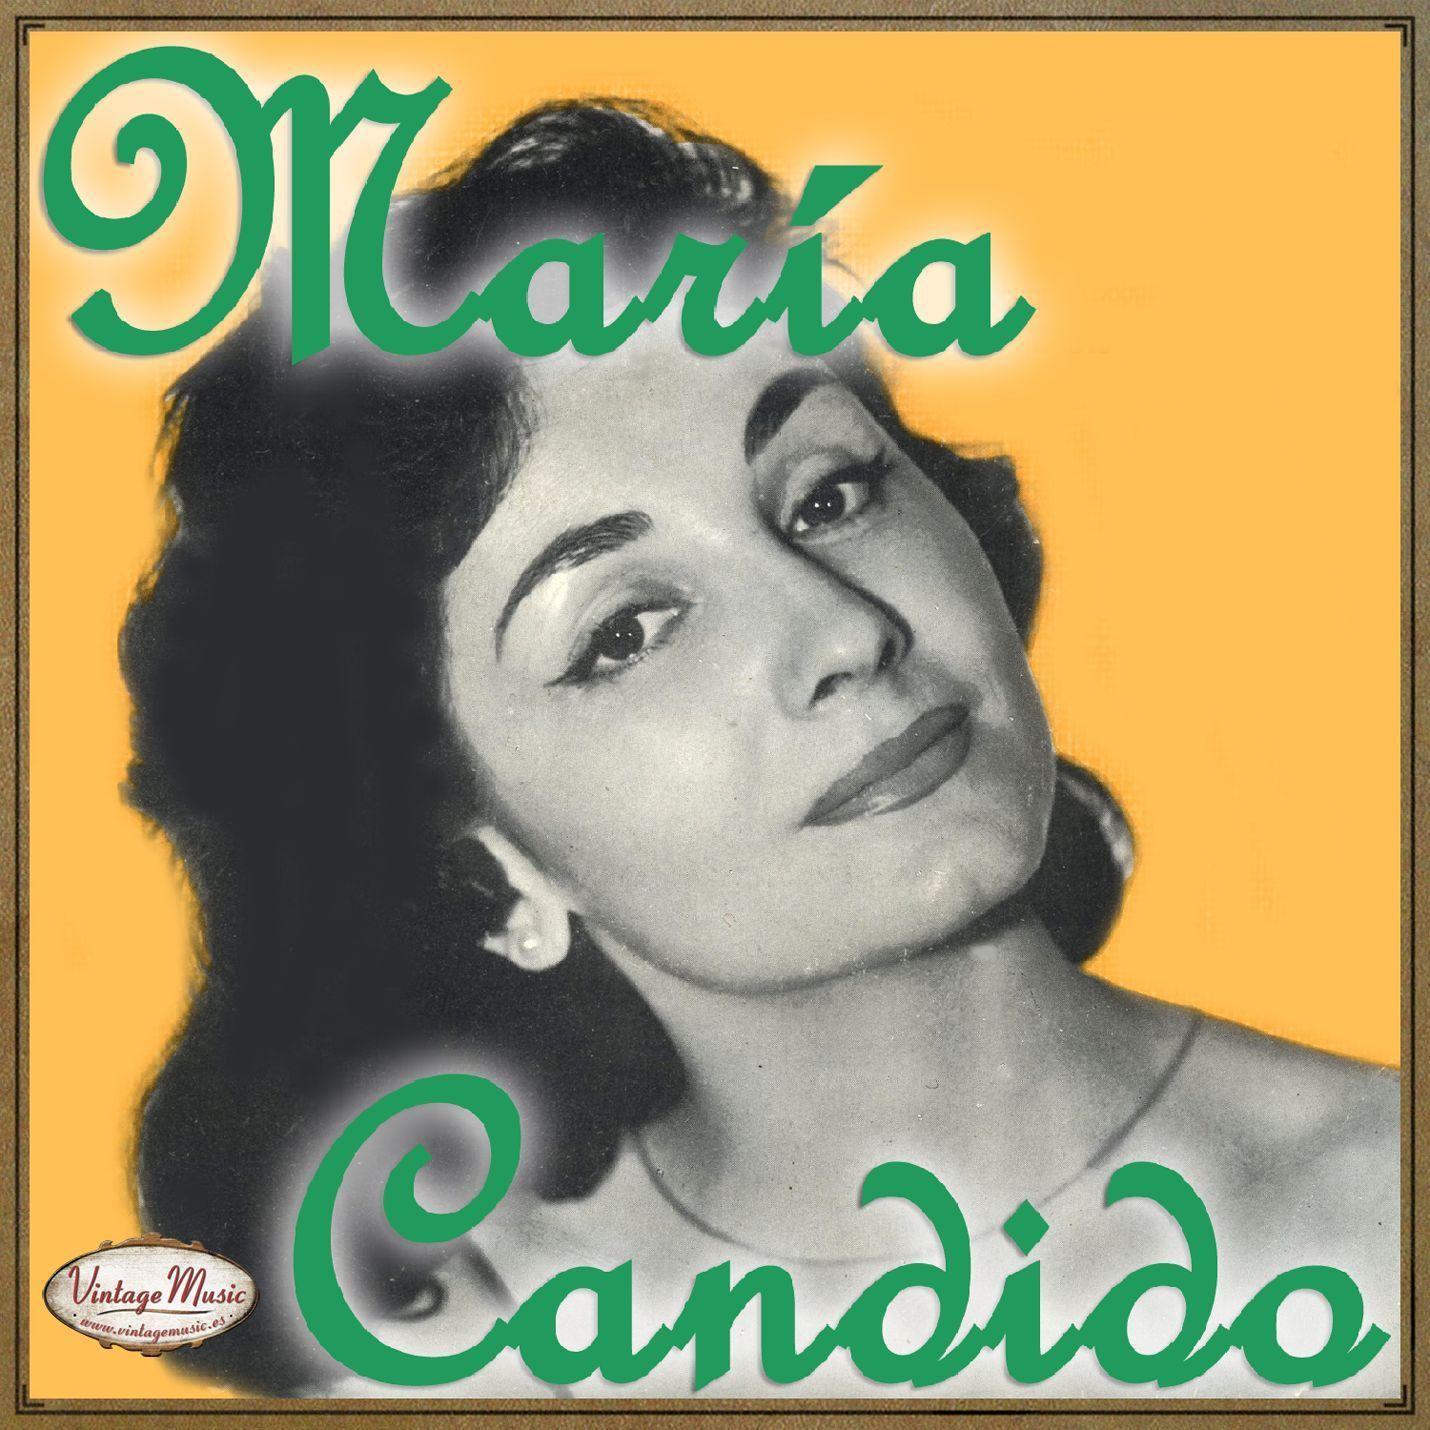 maria candido, une chanteuse française qui très jeune travailla le chant classique et qui devint chanteuse soprano avant de nous quitter ce 11 août 2017